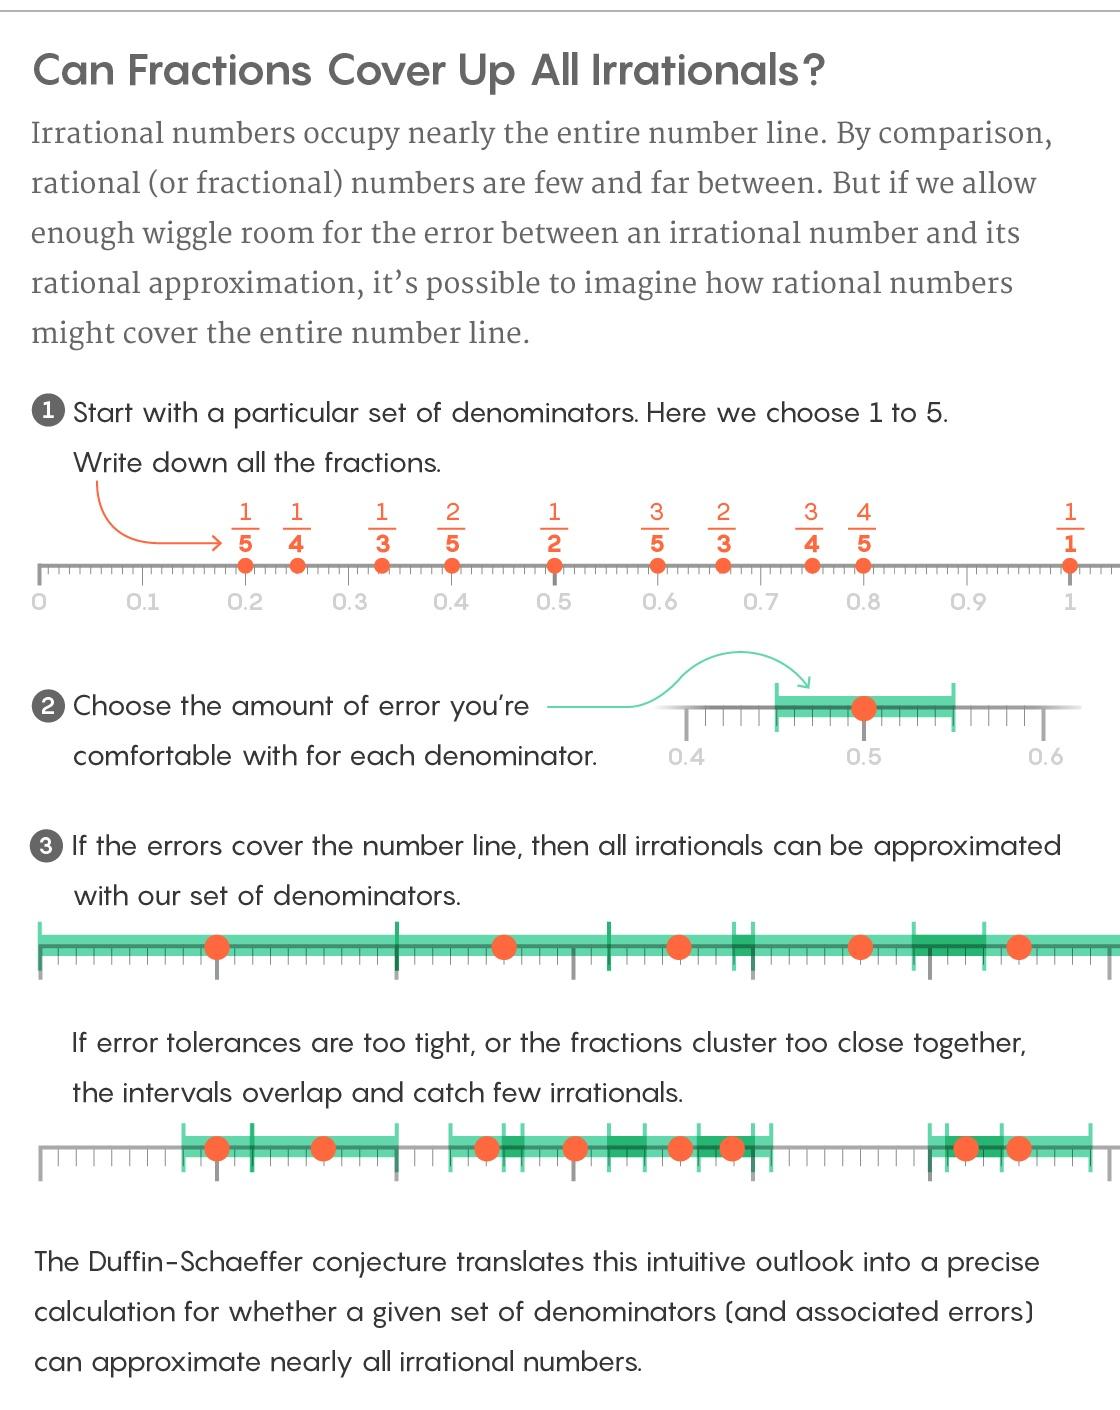 Новое доказательство решает вопрос аппроксимации таких чисел, как пи - 5